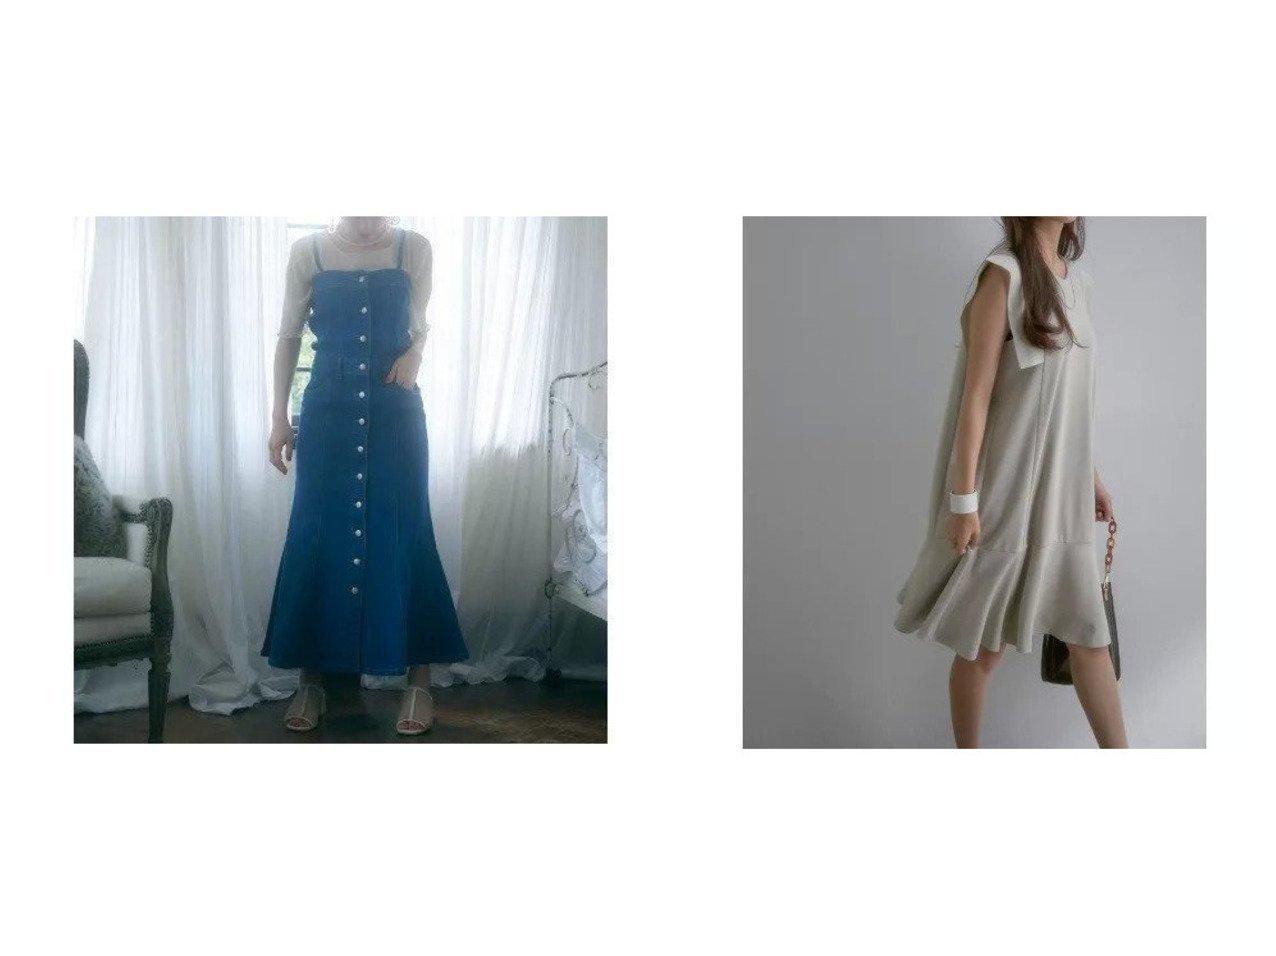 【VIS/ビス】の【vis- a-vis】異素材カットミニワンピース&【vis- a-vis】マーメイドラインデニムジャンパースカート おすすめ!人気、トレンド・レディースファッションの通販 おすすめで人気の流行・トレンド、ファッションの通販商品 インテリア・家具・メンズファッション・キッズファッション・レディースファッション・服の通販 founy(ファニー) https://founy.com/ ファッションモデル・俳優・女優 Models 女性 Women 高橋愛 Takahashi Ai ファッション Fashion レディースファッション WOMEN ワンピース Dress スカート Skirt 春 Spring スニーカー トレンド ノースリーブ ベーシック ポケット ミュール おすすめ Recommend |ID:crp329100000054695